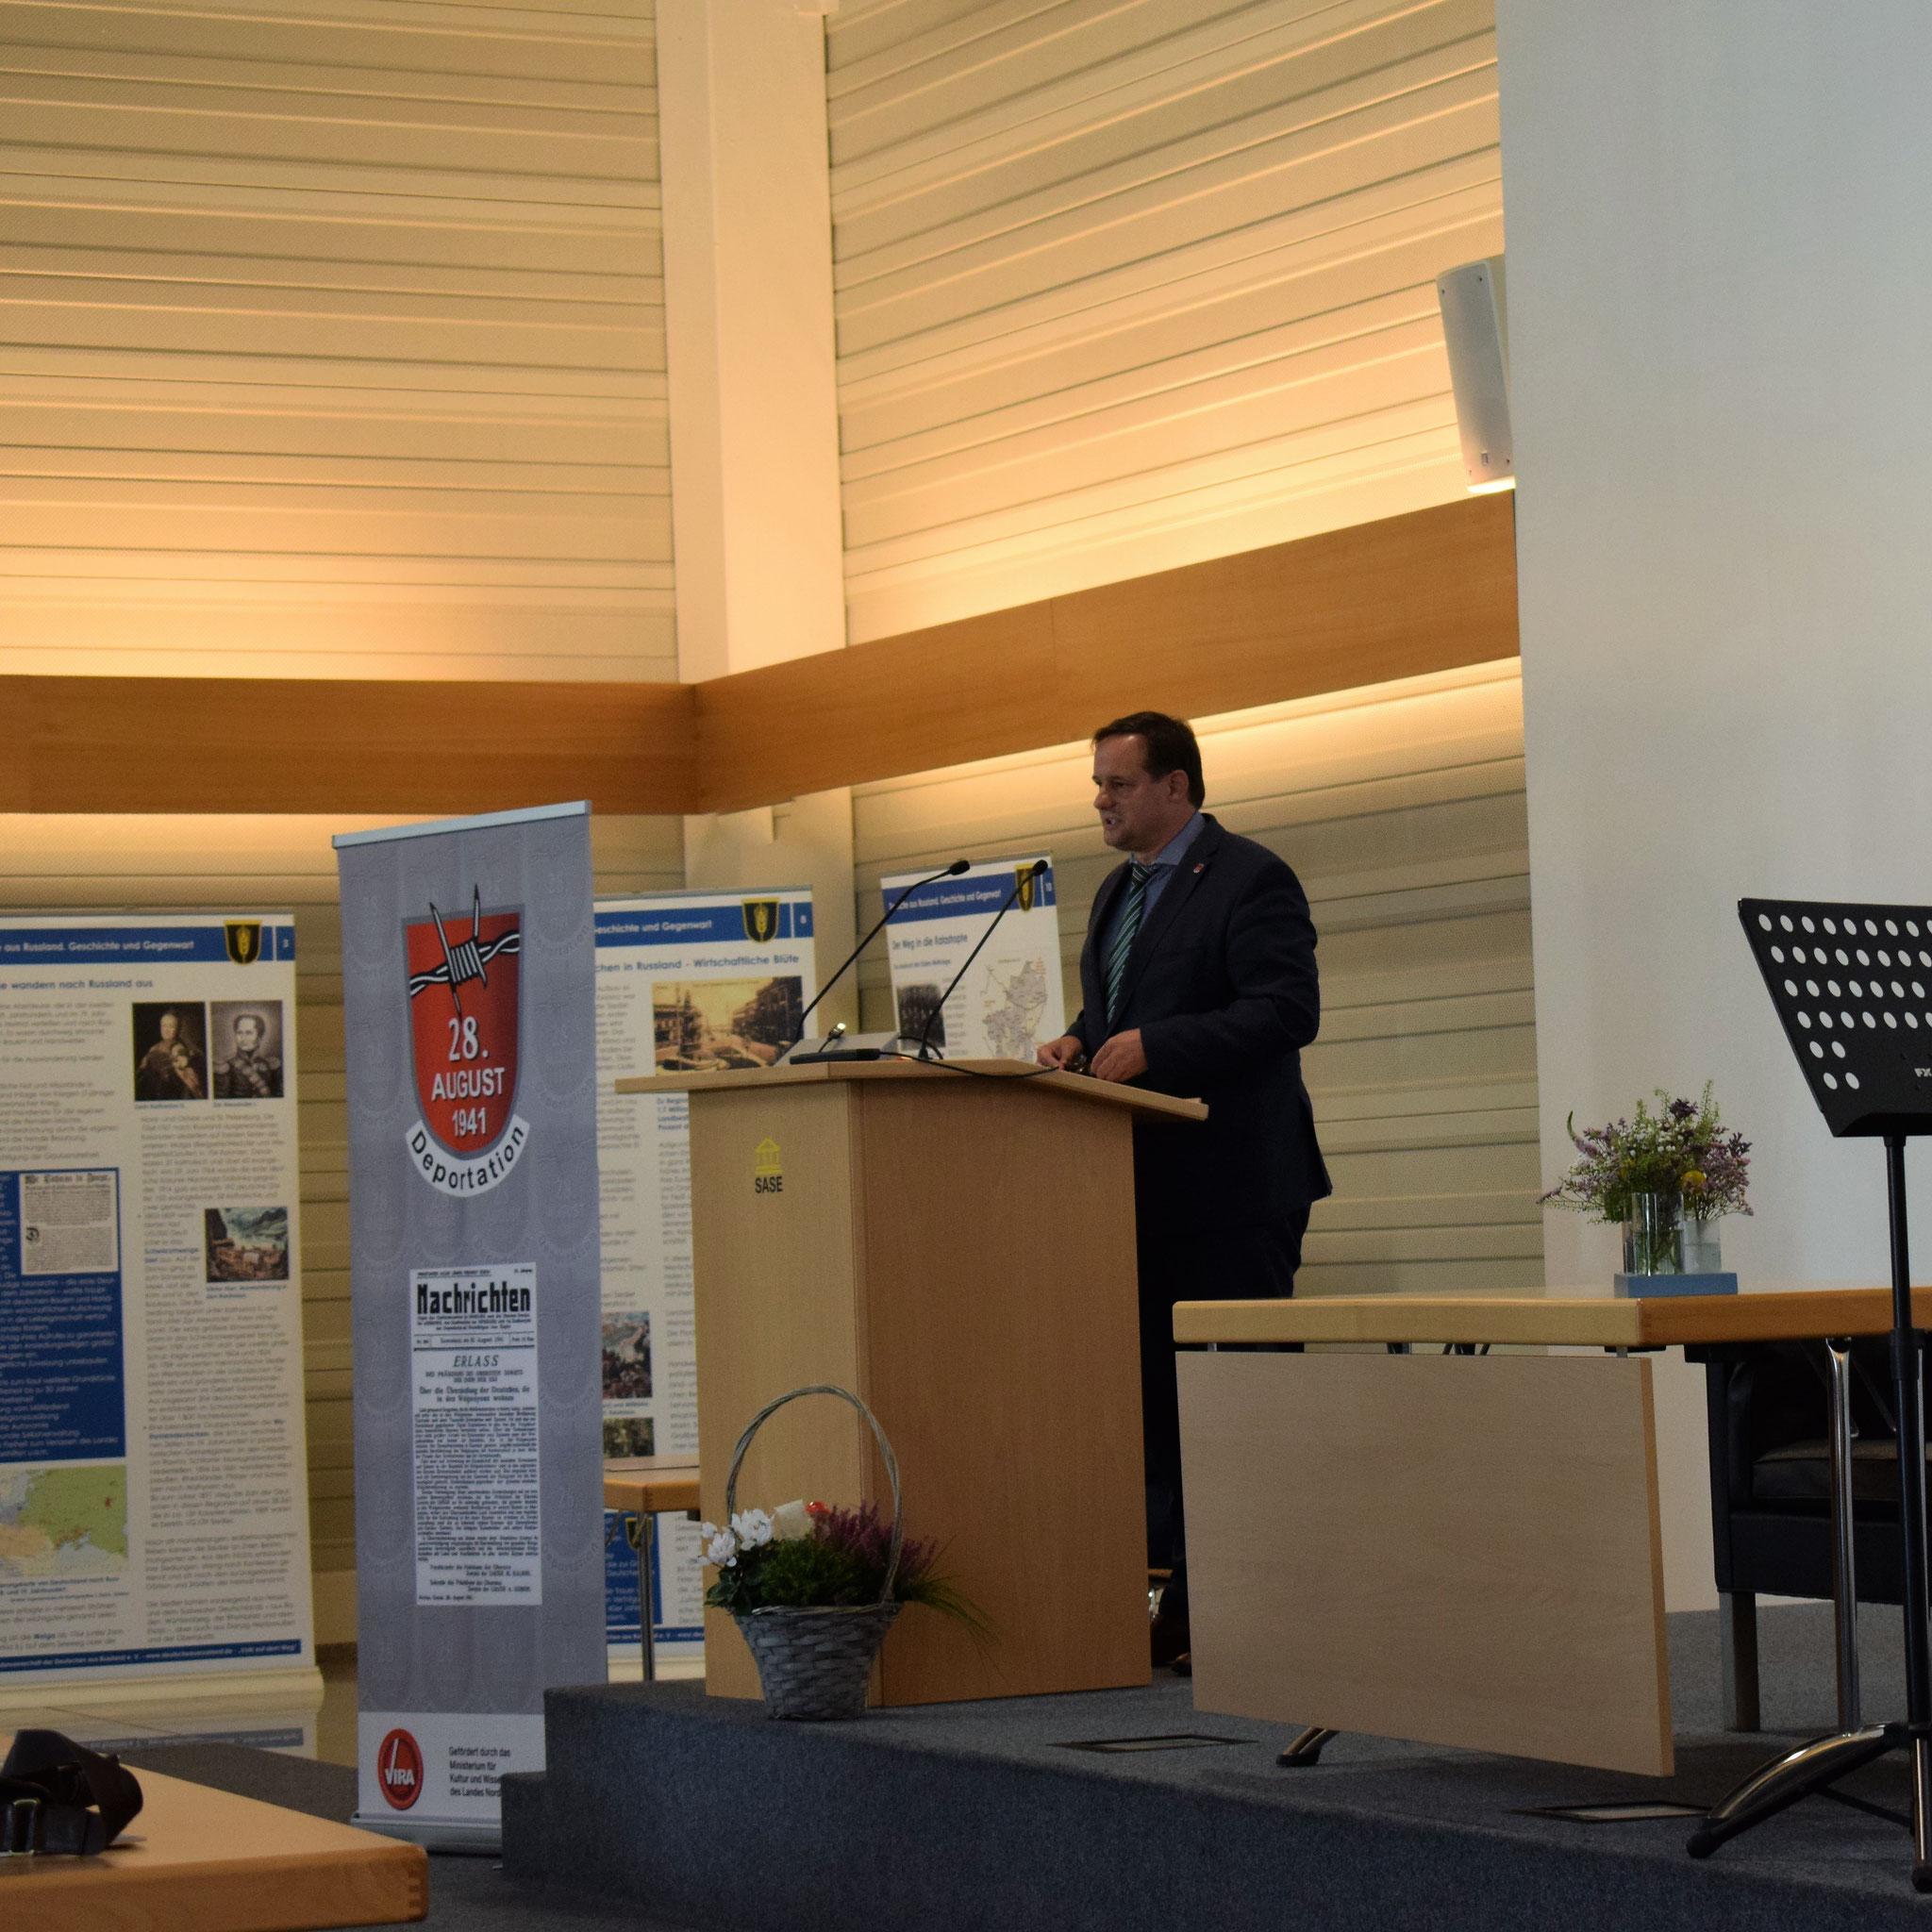 Thorsten Schick. Gedenken an den Erlass zur Deportation der Deutschen in Russland vor 80 Jahren